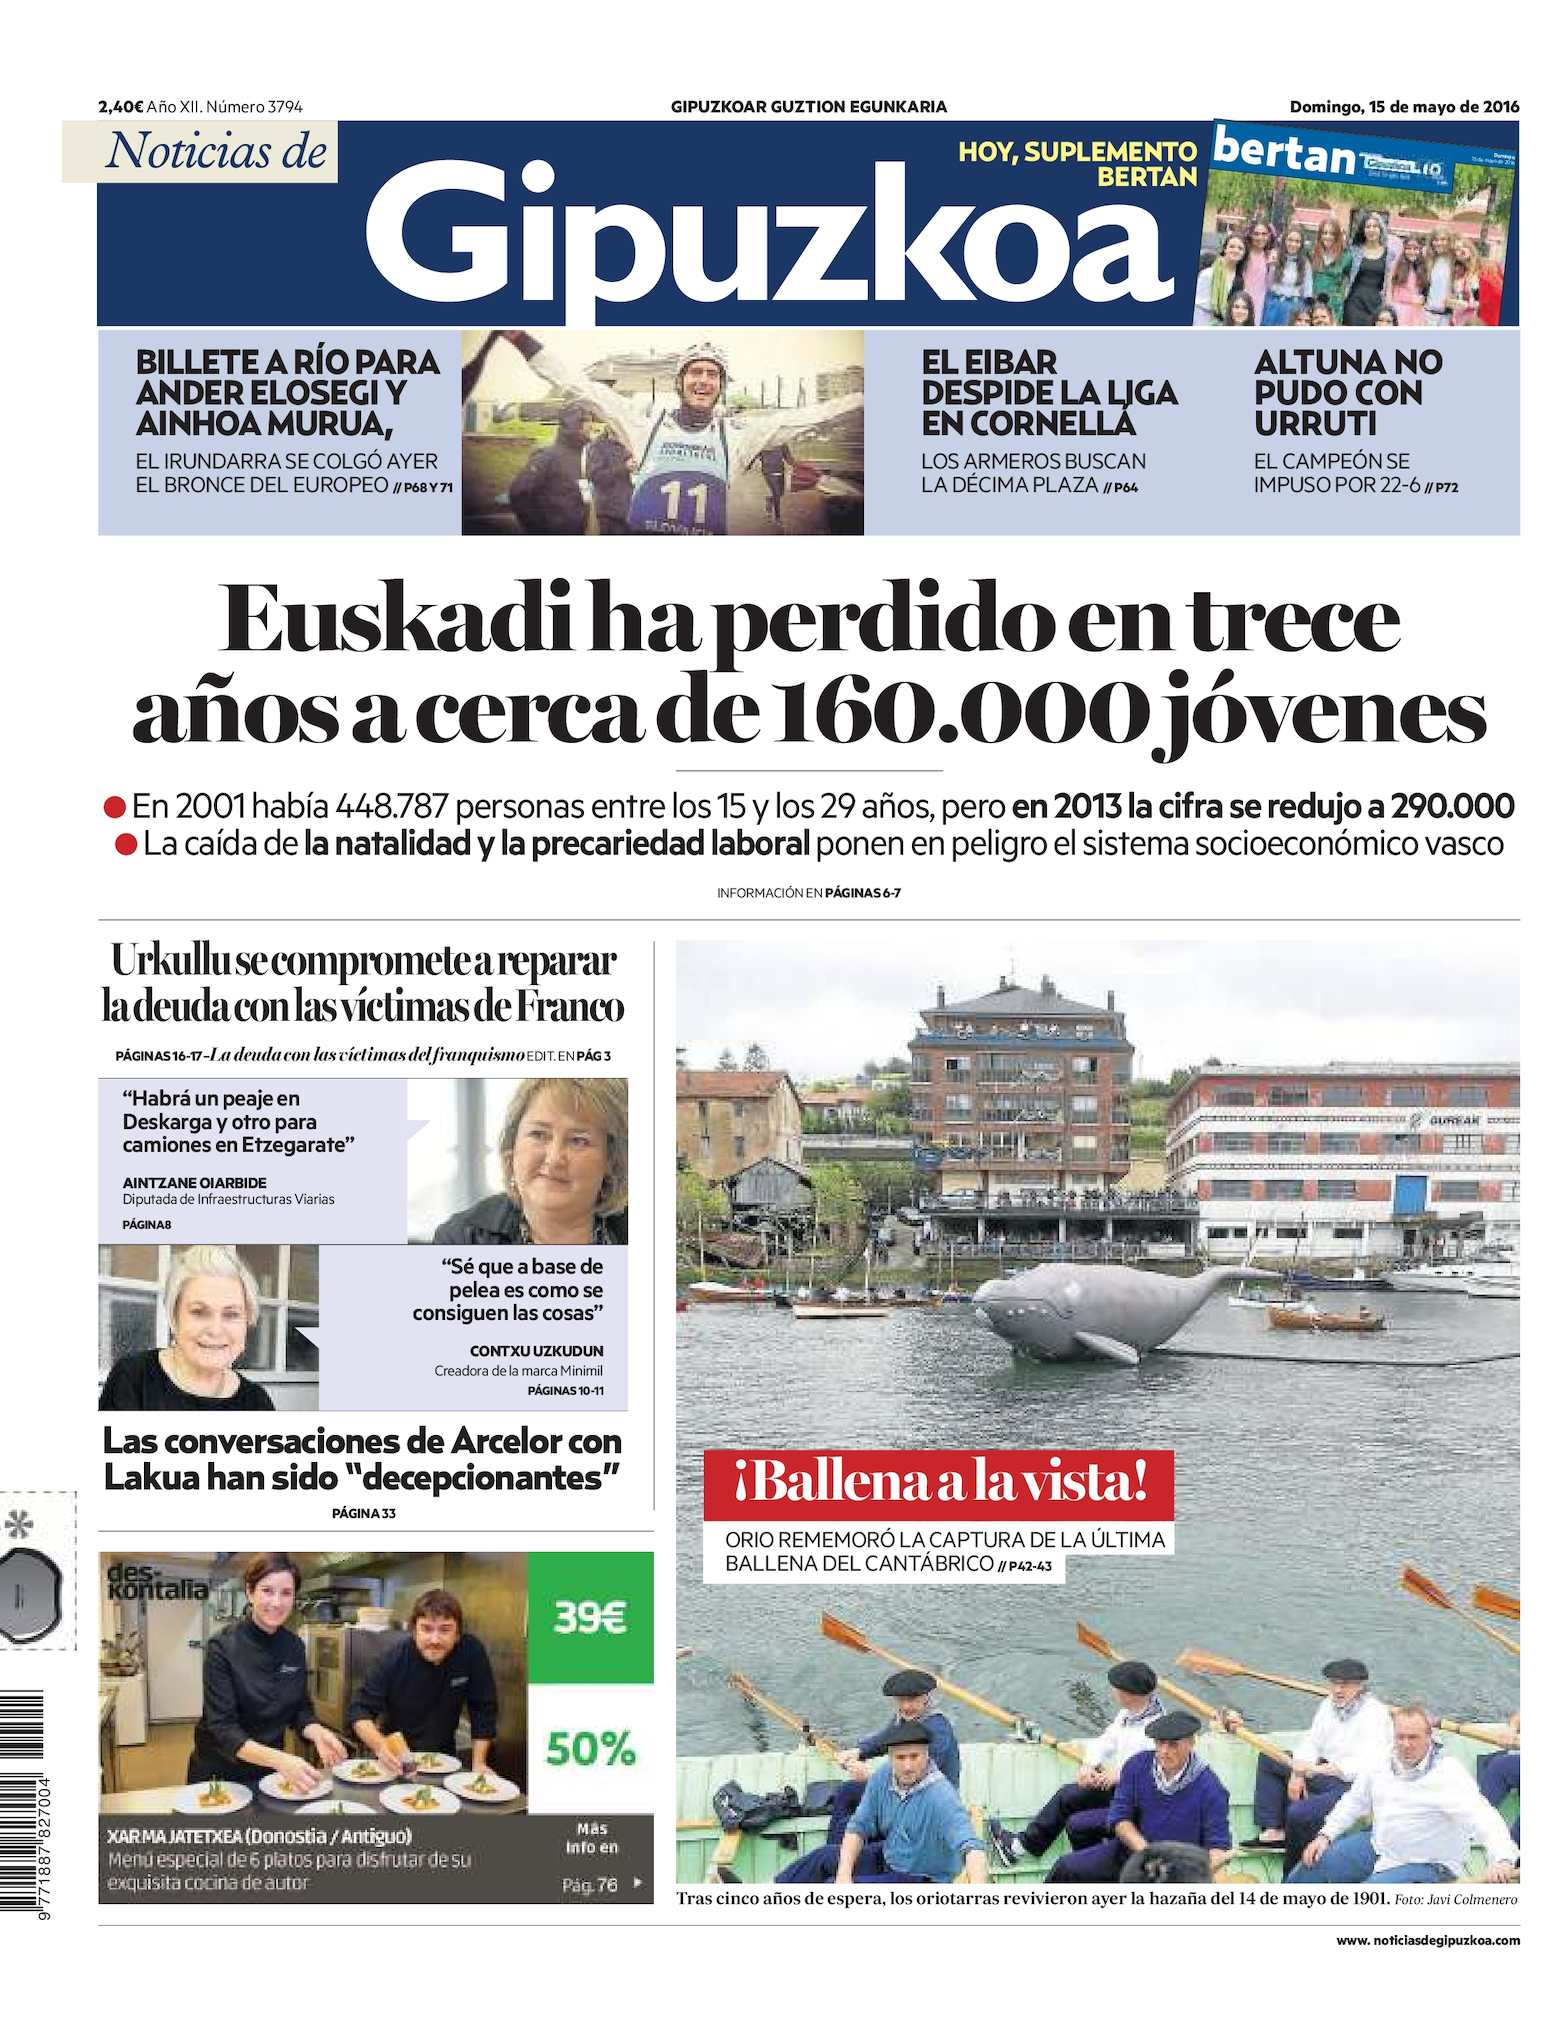 d7ea2e4fba Calaméo - Noticias de Gipuzkoa 20160515